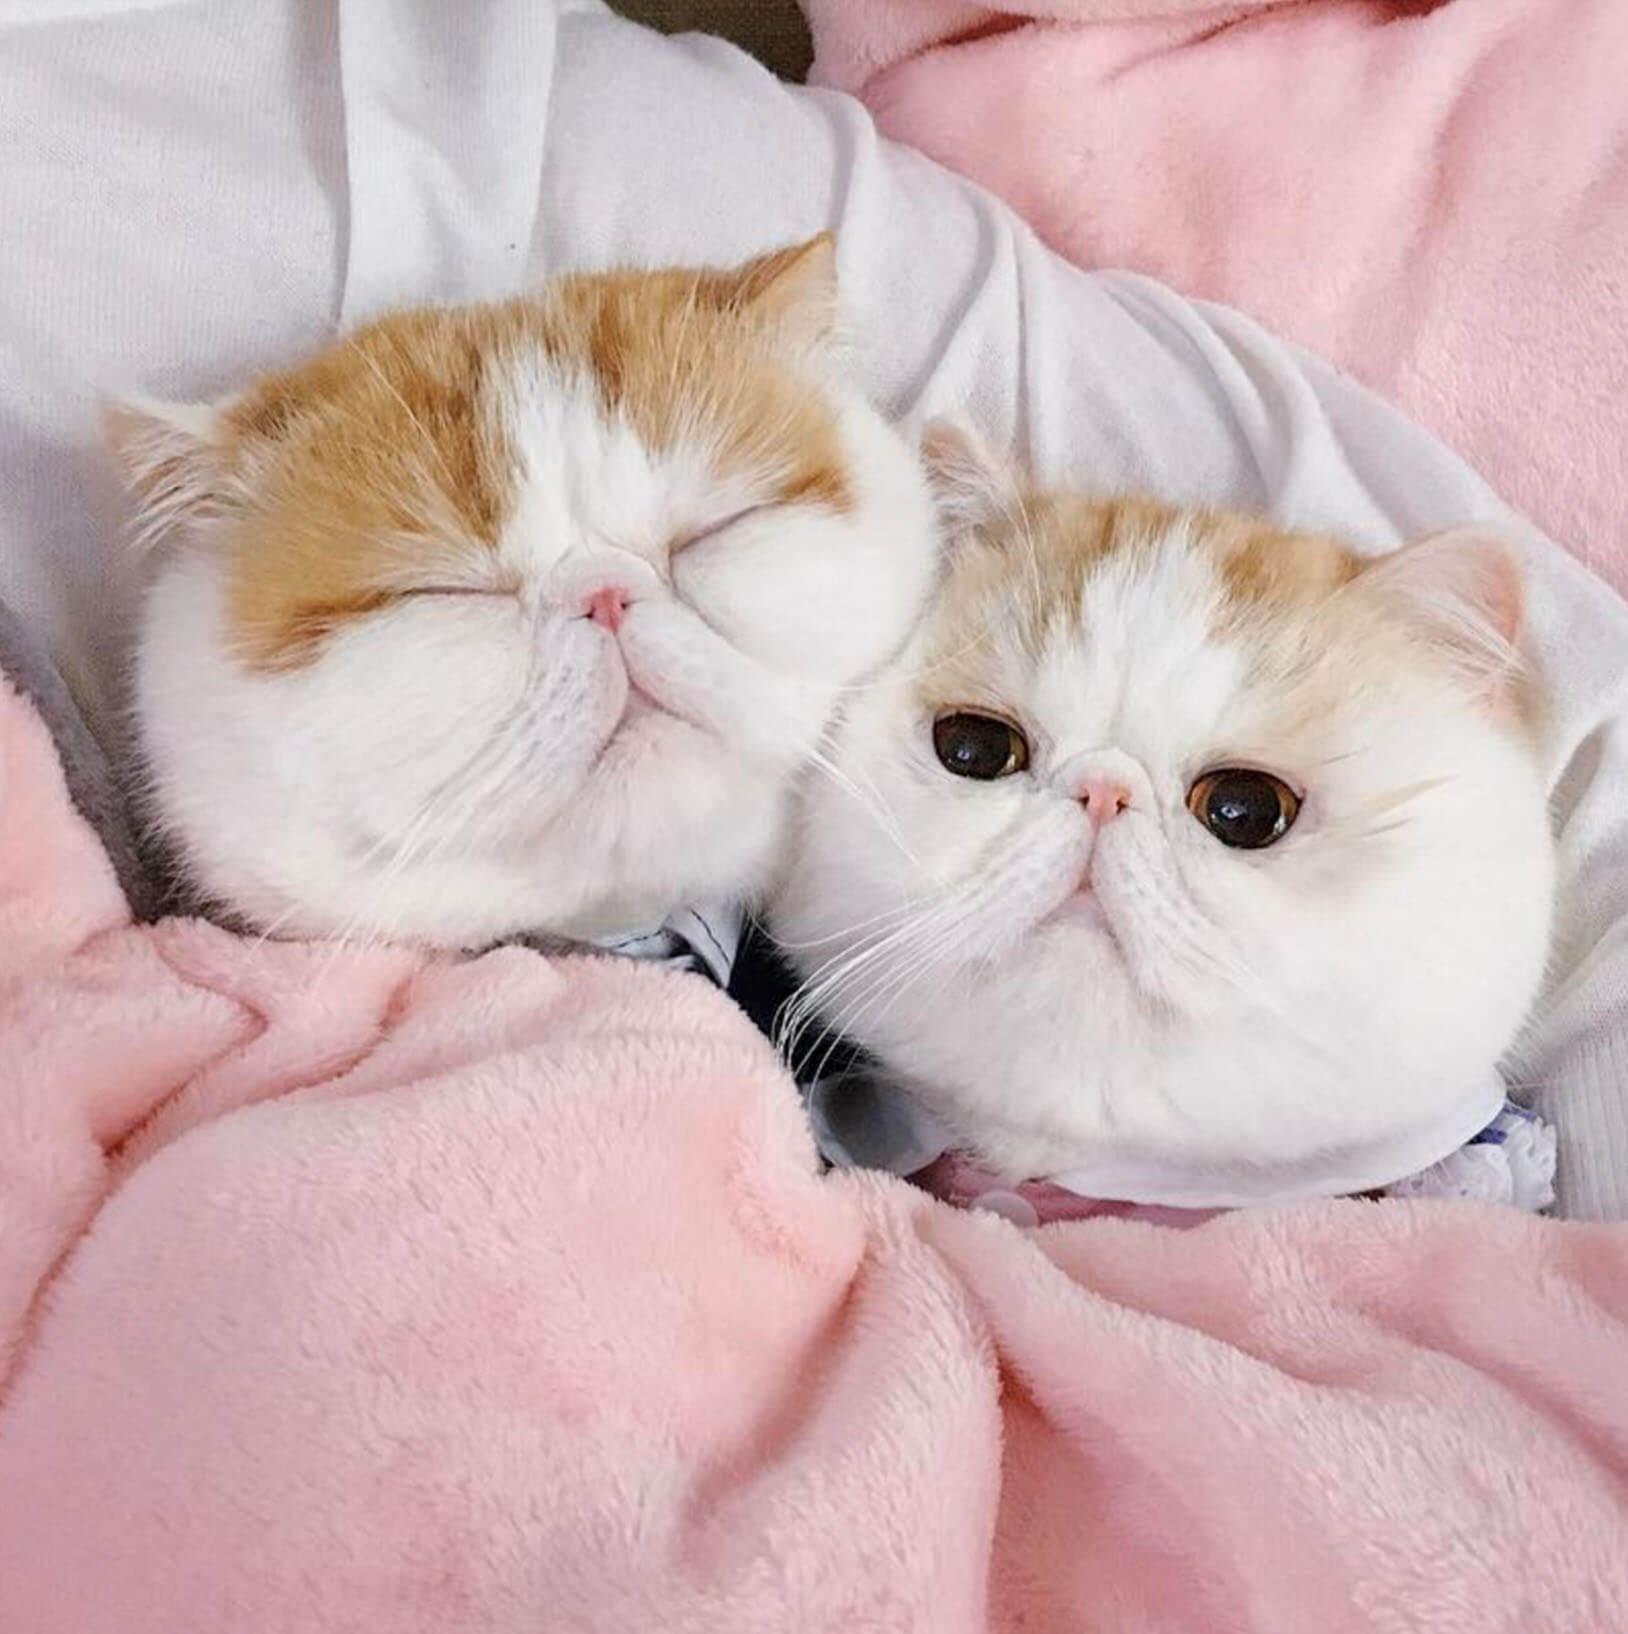 Подборка милых котов и кошек в картинках 9